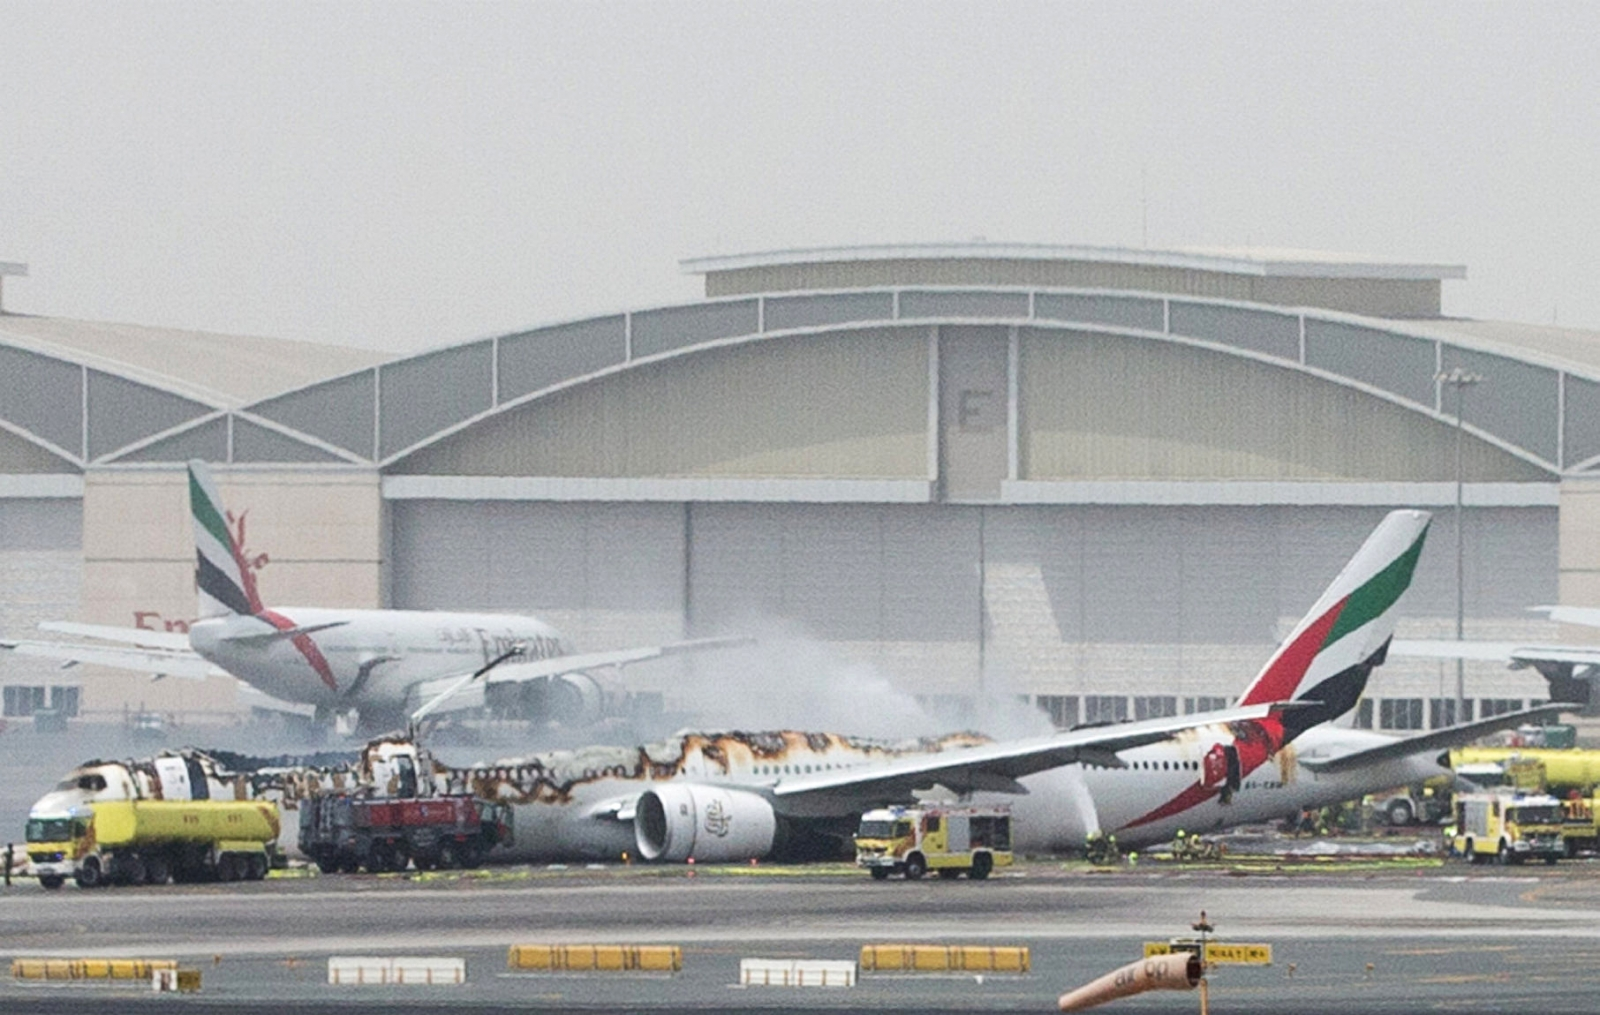 Dubai plane crash-landing